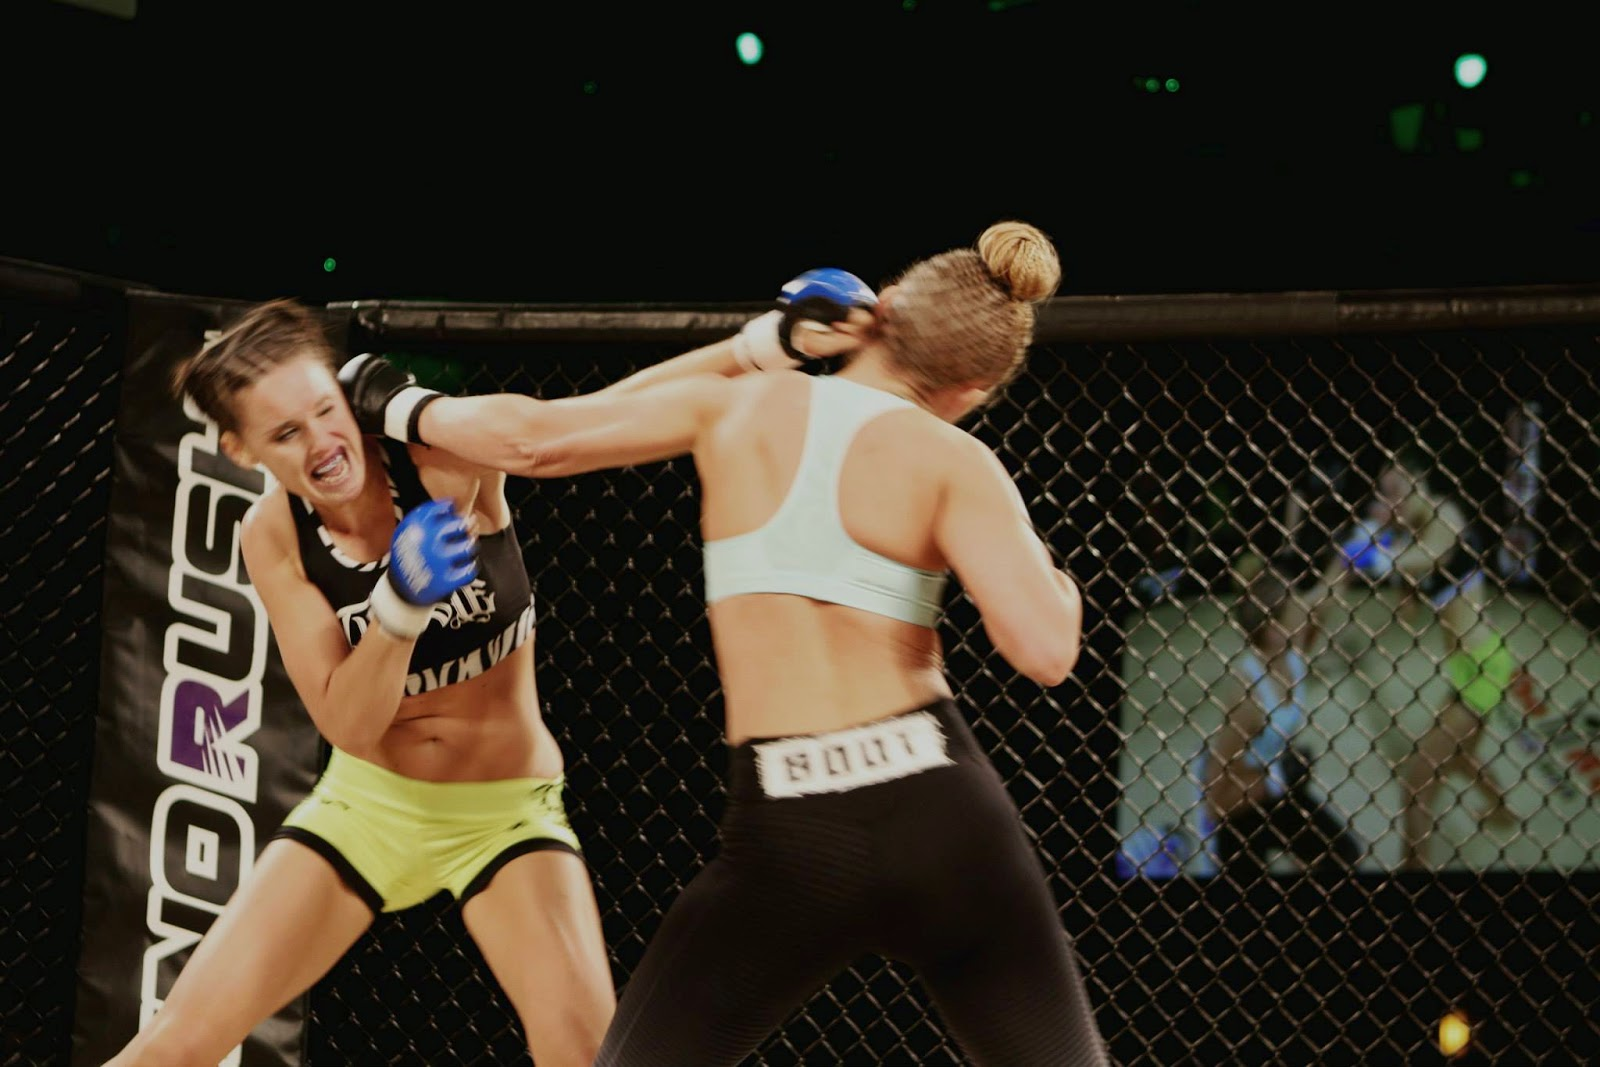 Iconici TV MMA interview with pro WMMA fighter Stevie VanAssche